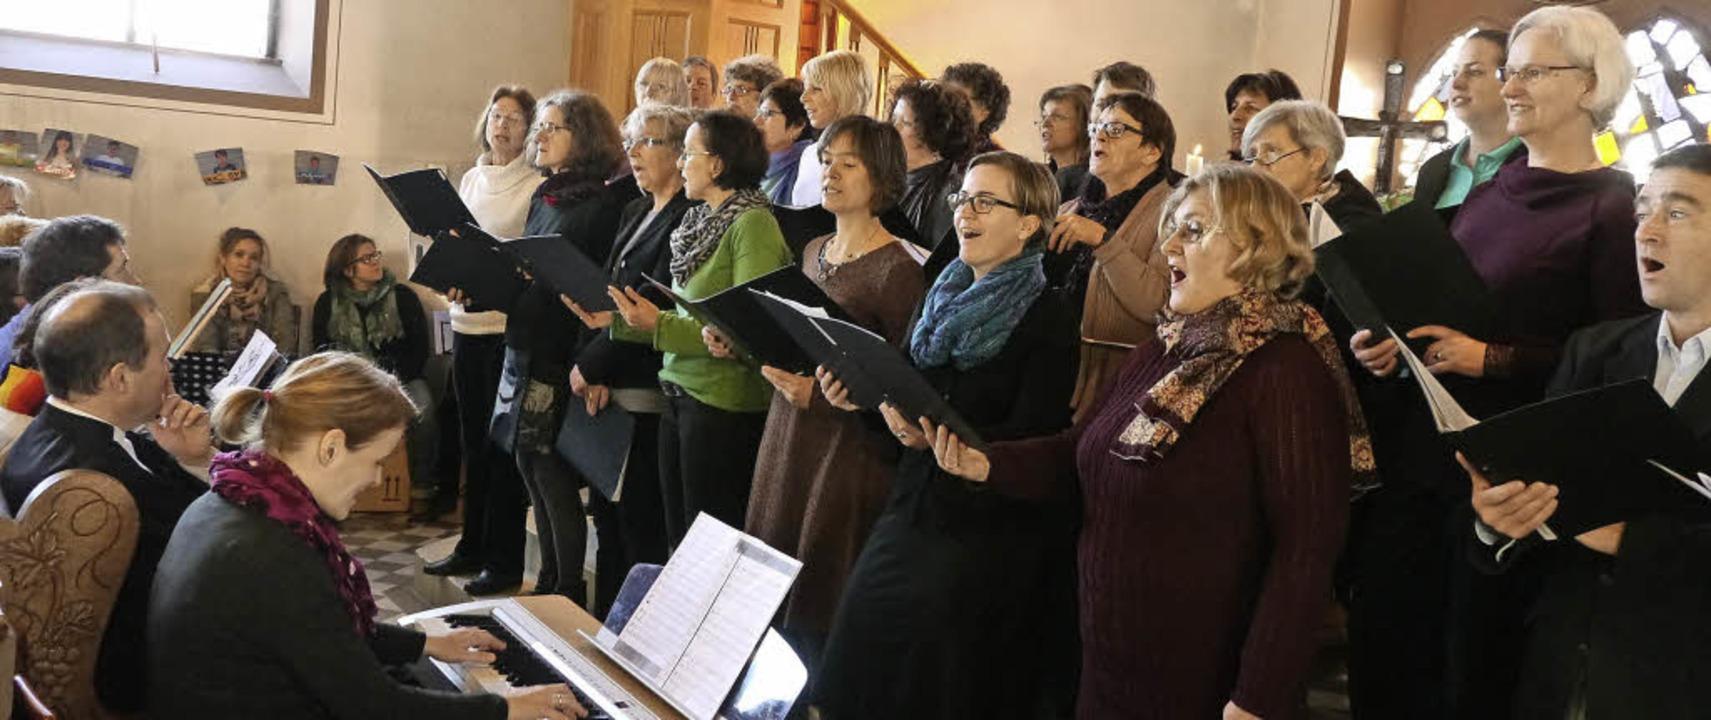 Die zahlreichen Gottesdienstbesucher g...nd und dem Evangelischen Gemeindechor.    Foto: Christel Hülter-Hassler